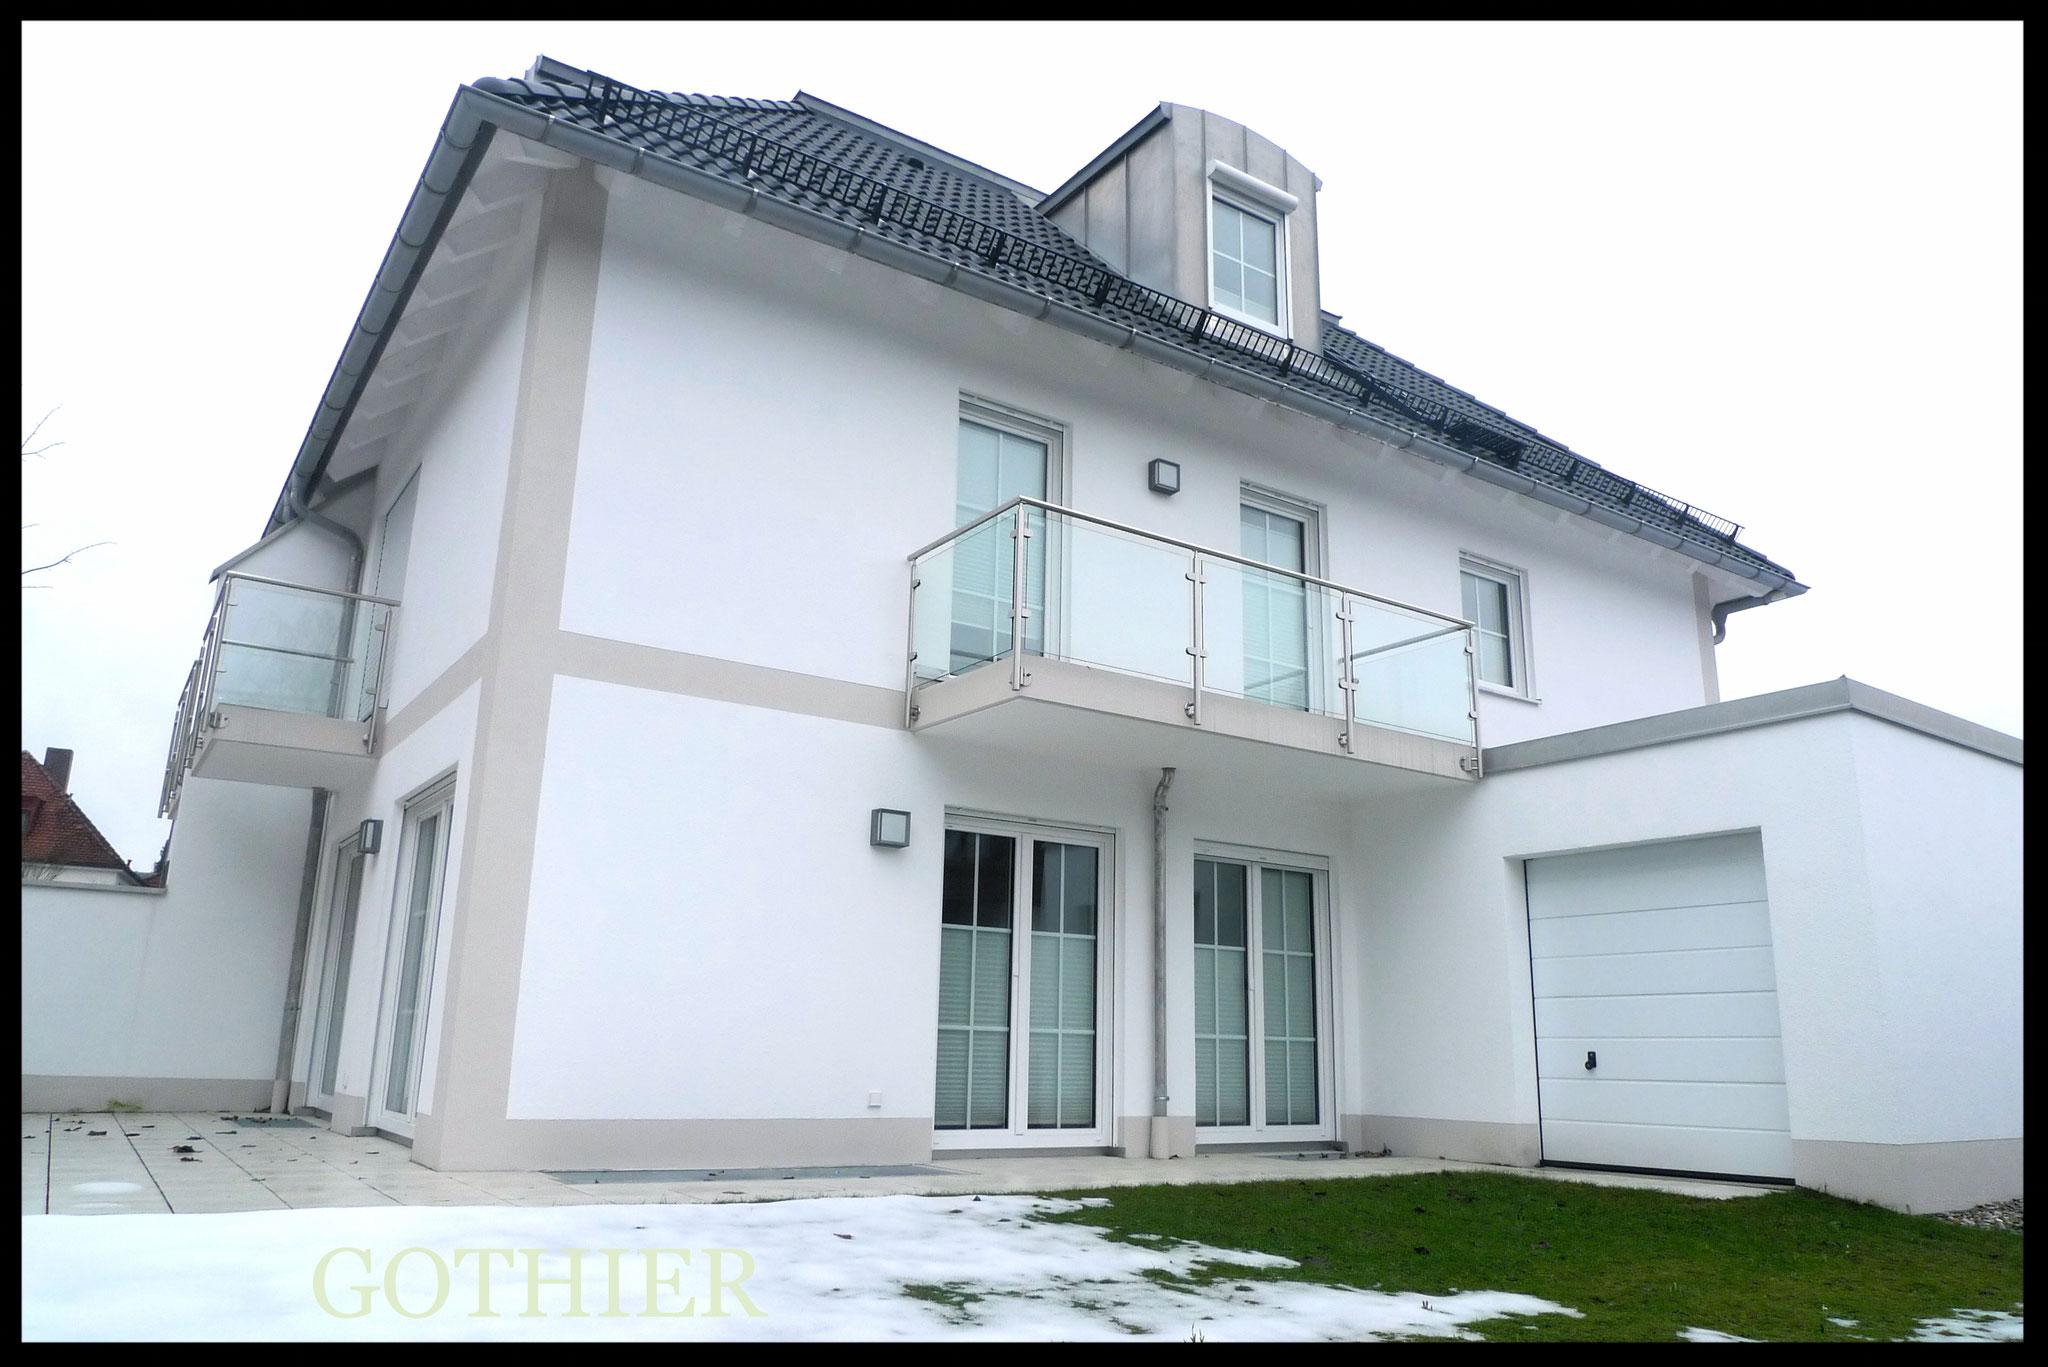 Suche gothier immobilienmakler m nchen seit 1996 for Suche immobilien